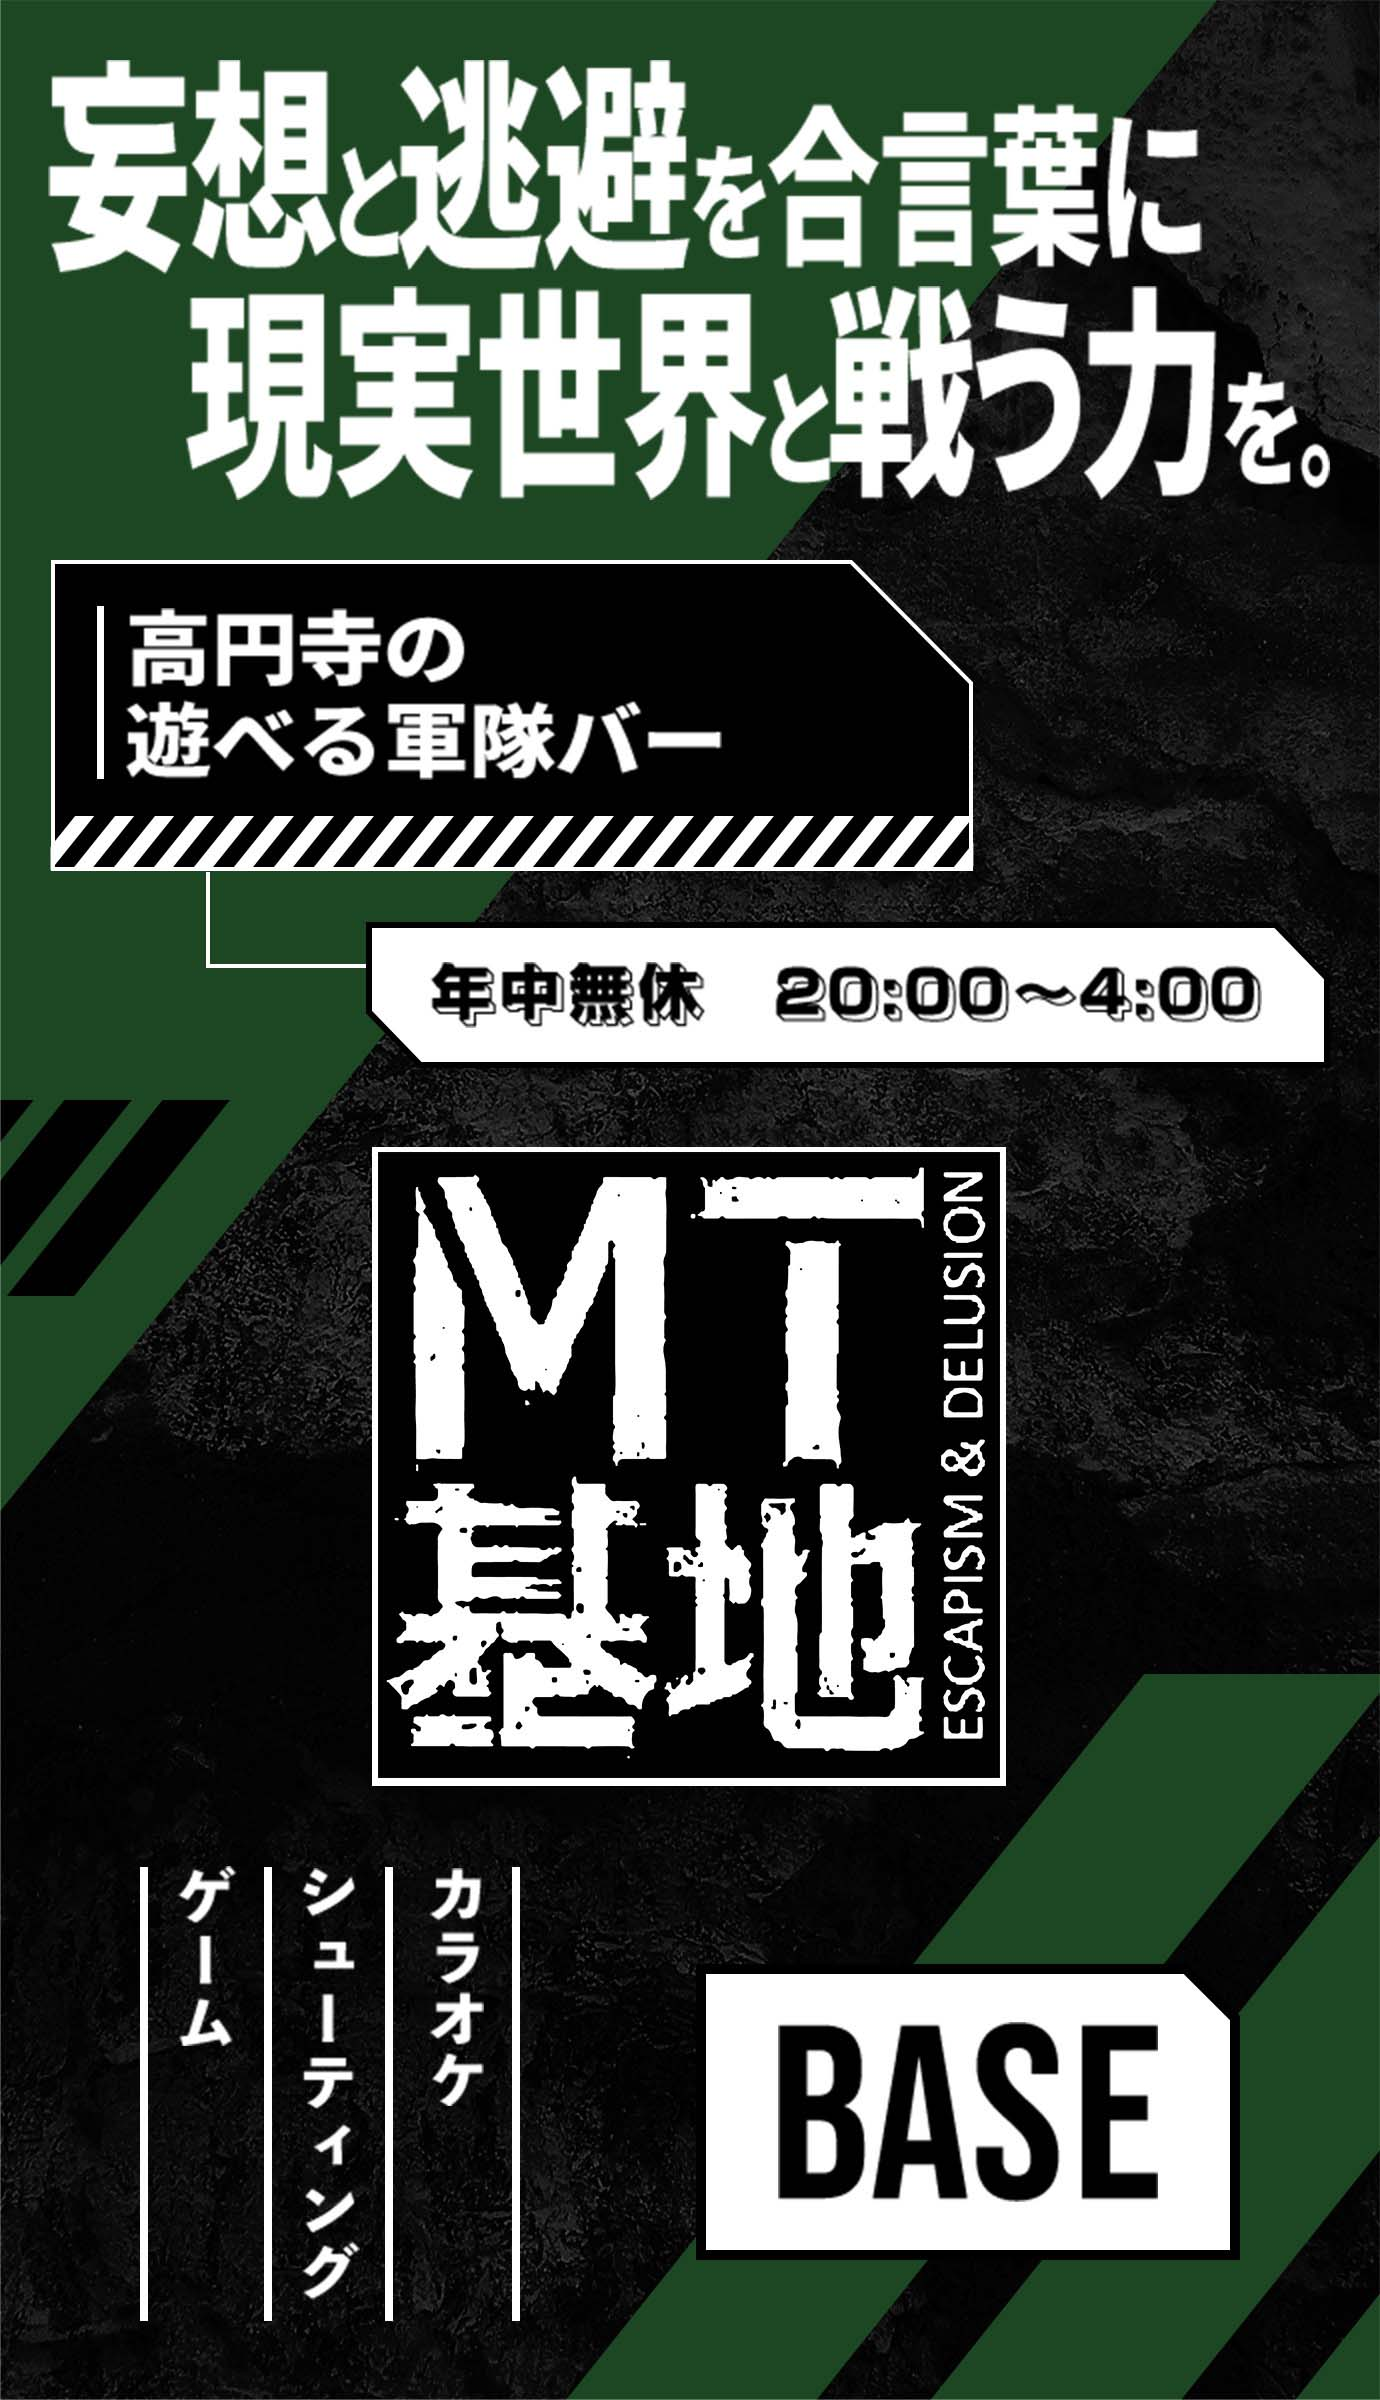 高円寺の遊べる軍隊バー MT基地 年中無休 20:00~4:00 妄想と逃避を合言葉に現実世界と戦う力を。